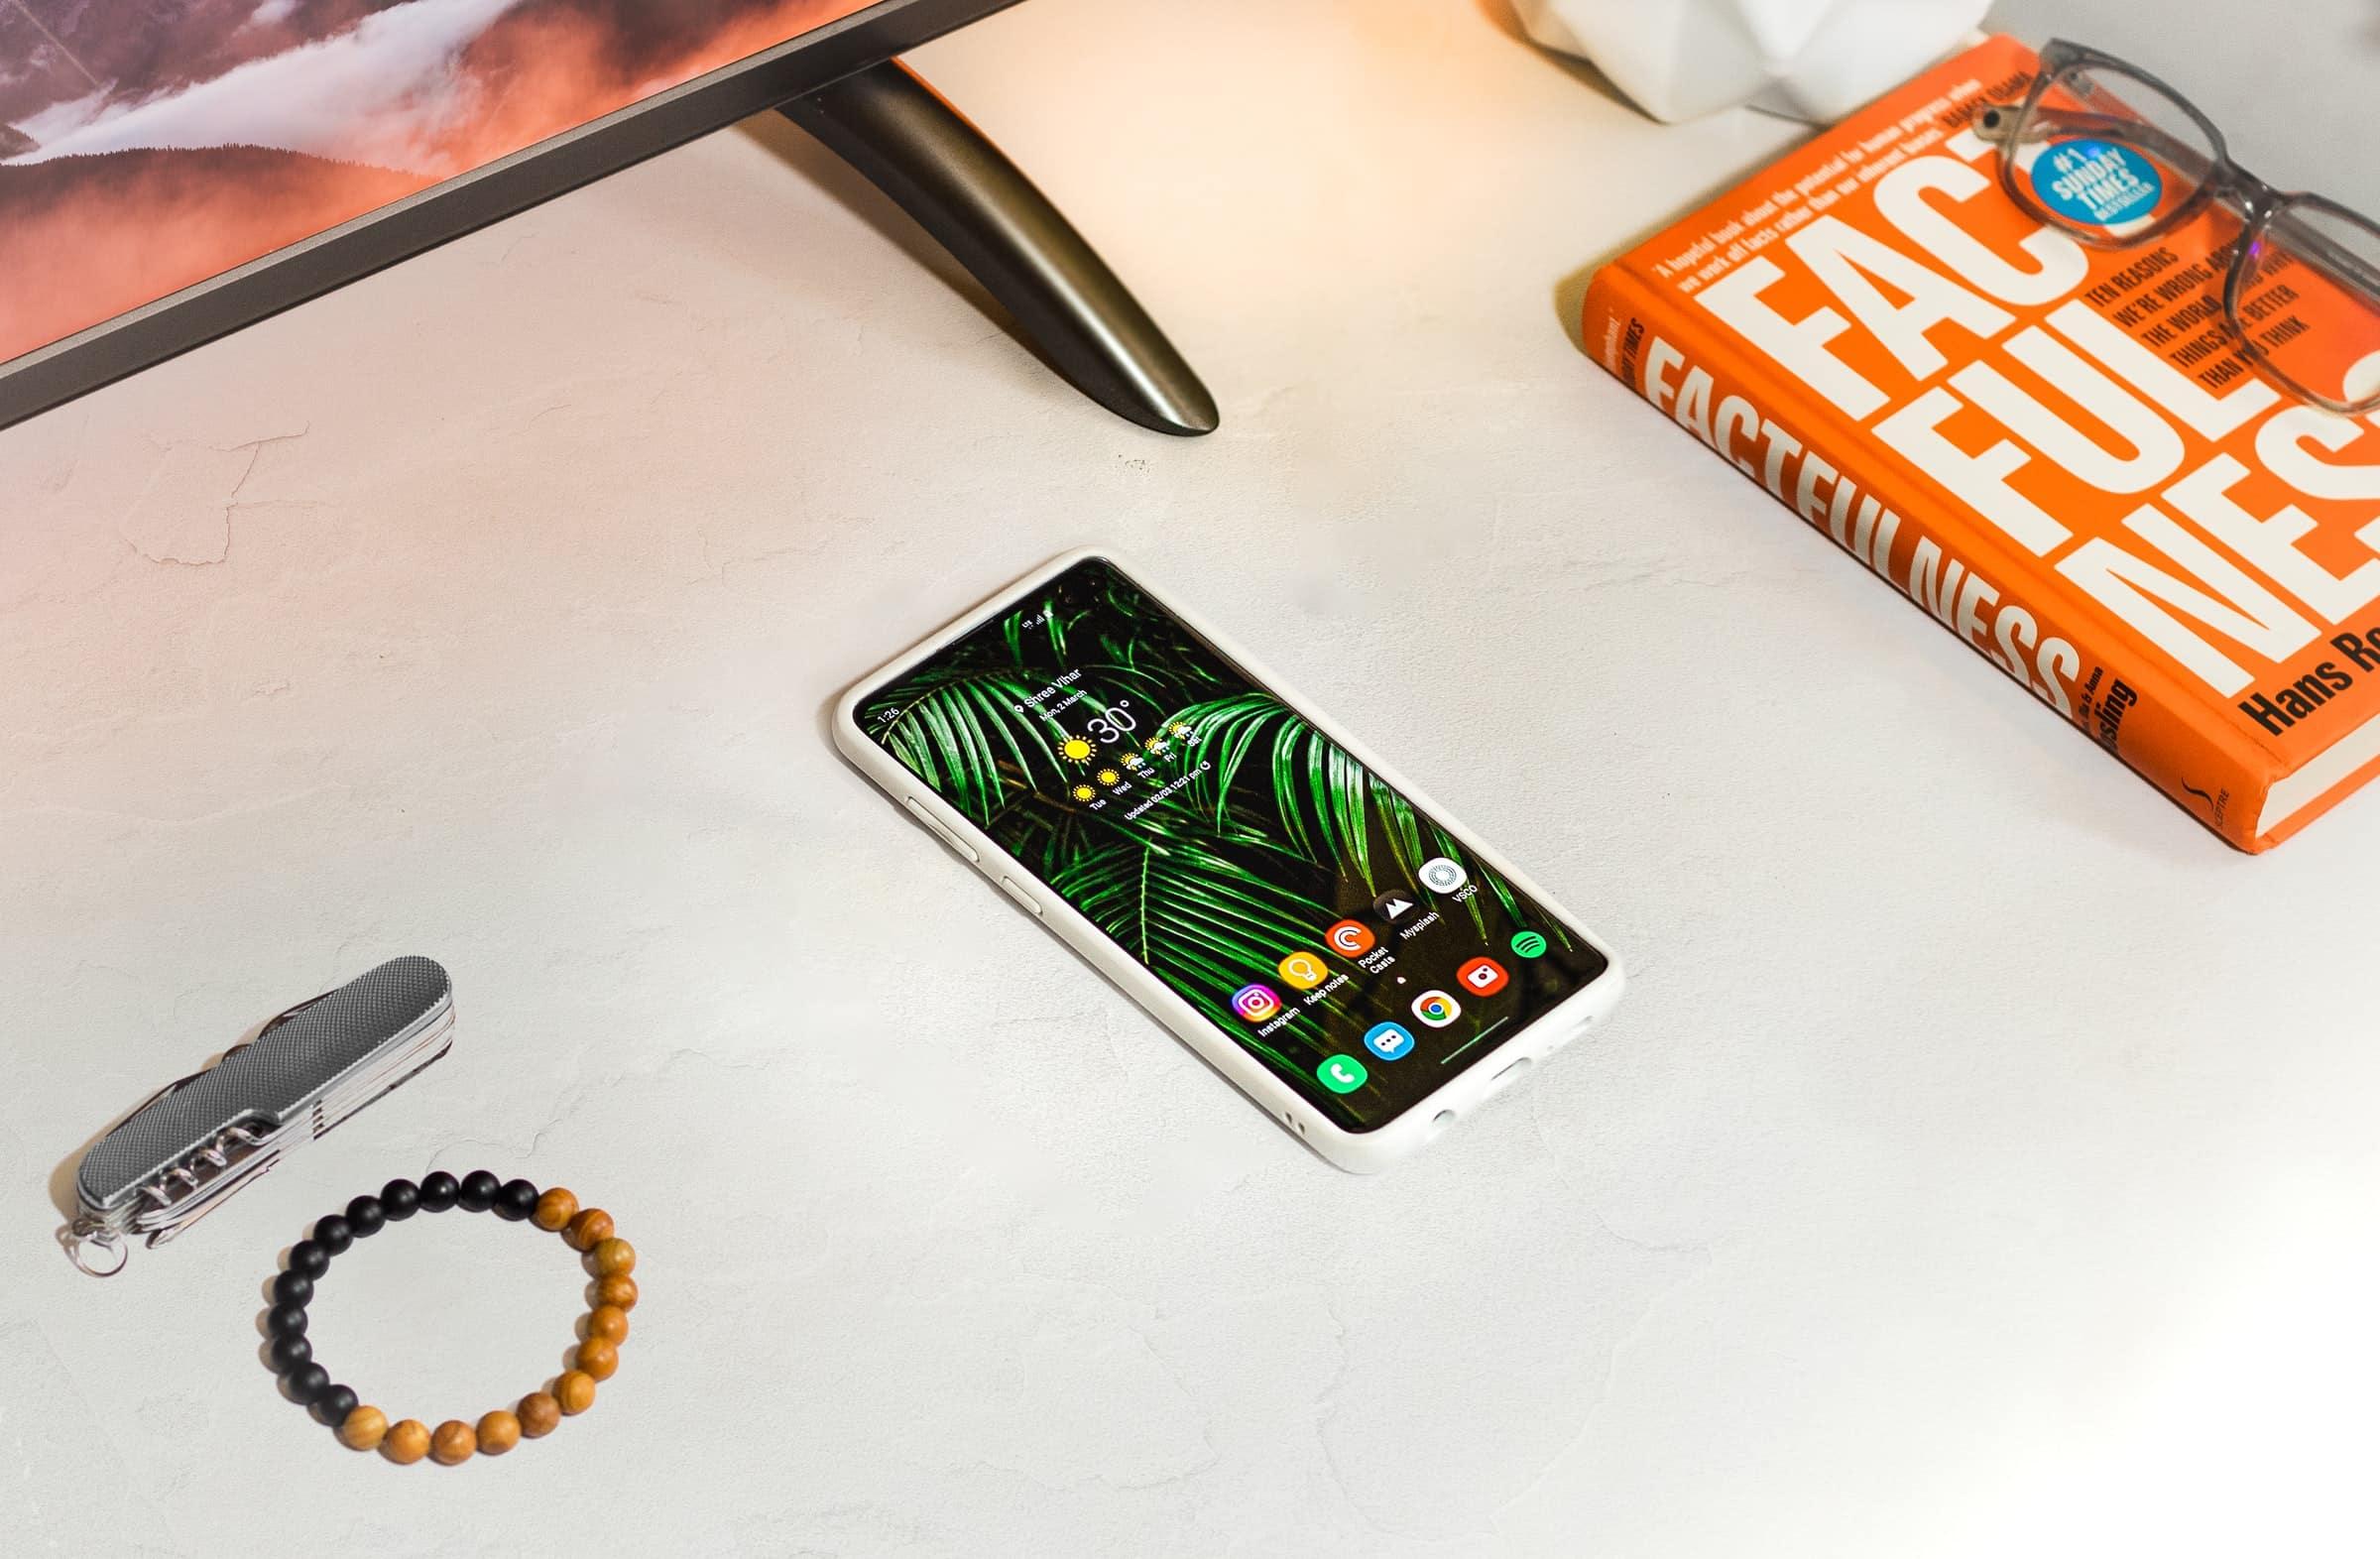 Cette coque de téléphone faite pour vous selon votre signe astrologique